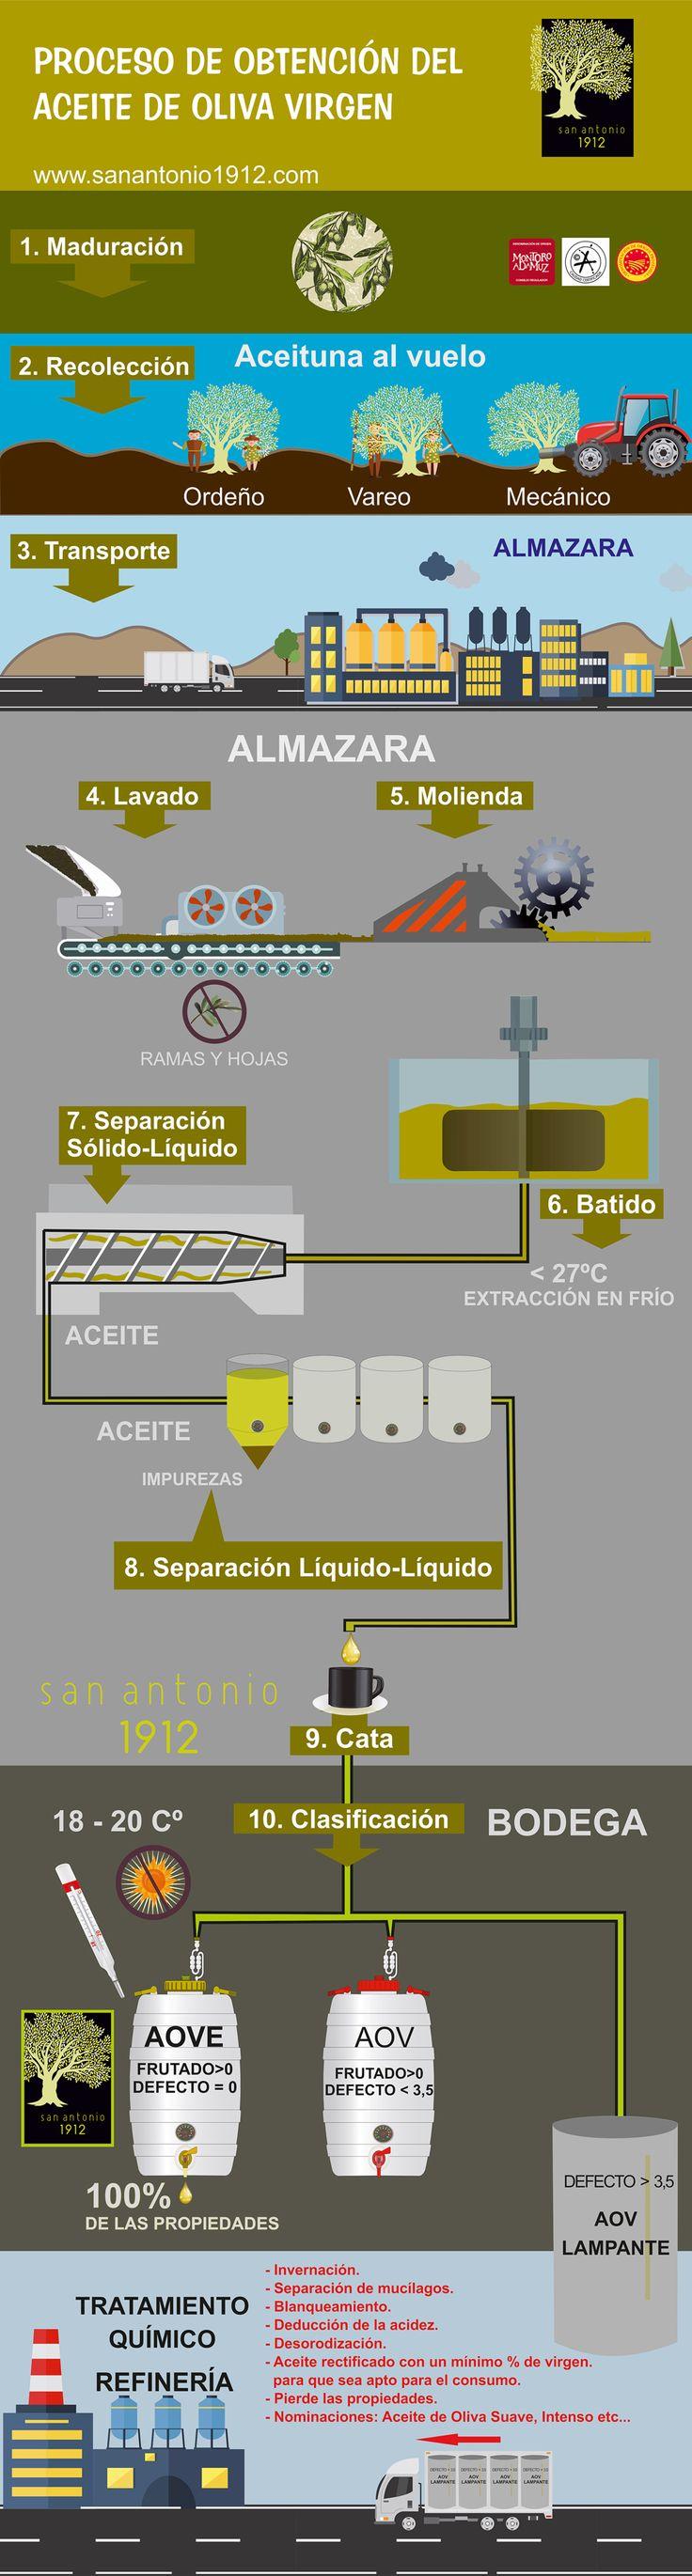 Infografía del Proceso del Aceite de Oliva Virgen